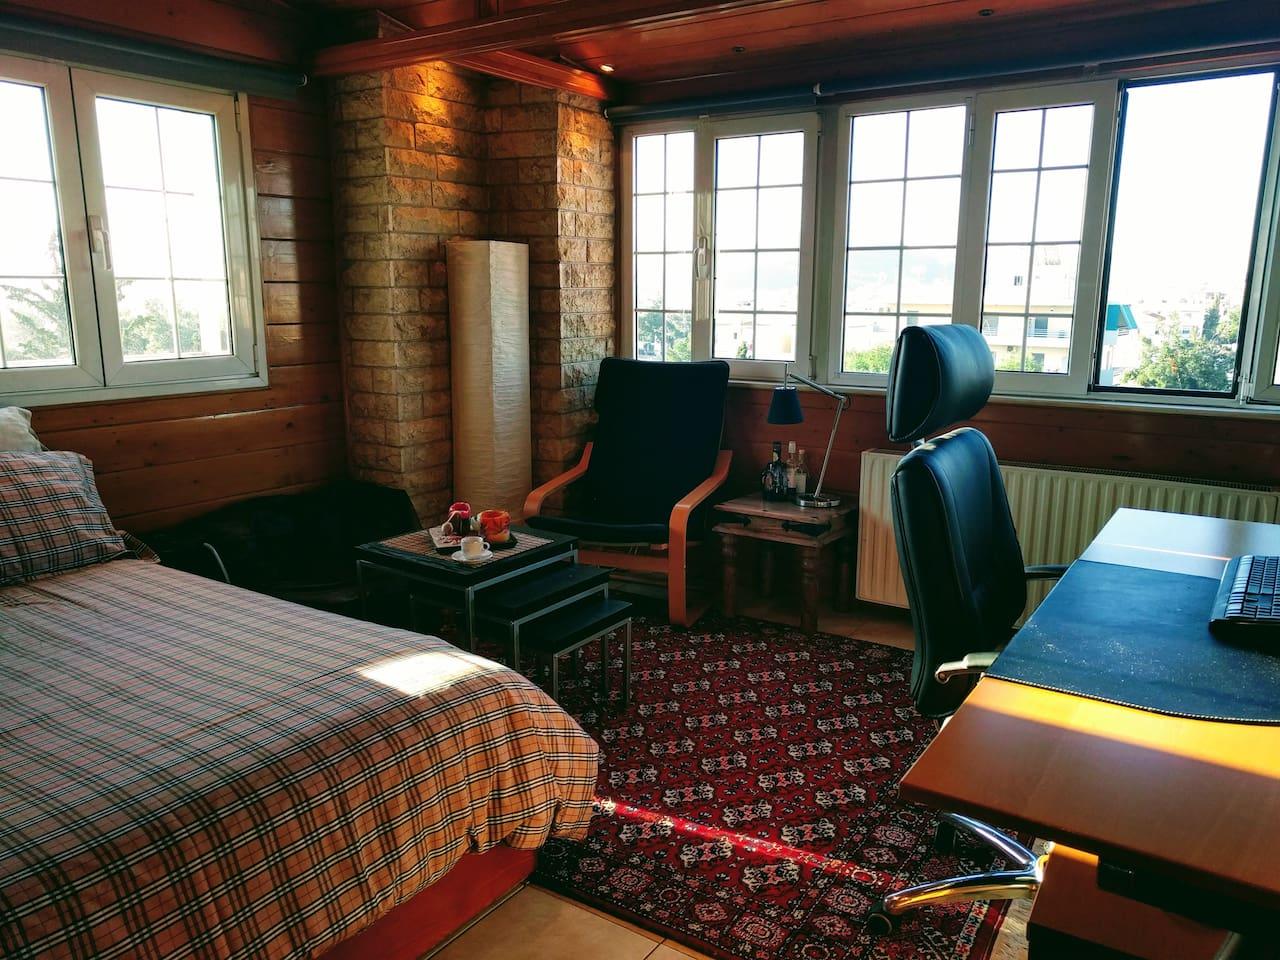 Sunny, wooden loft by winter. It's cozy ah?